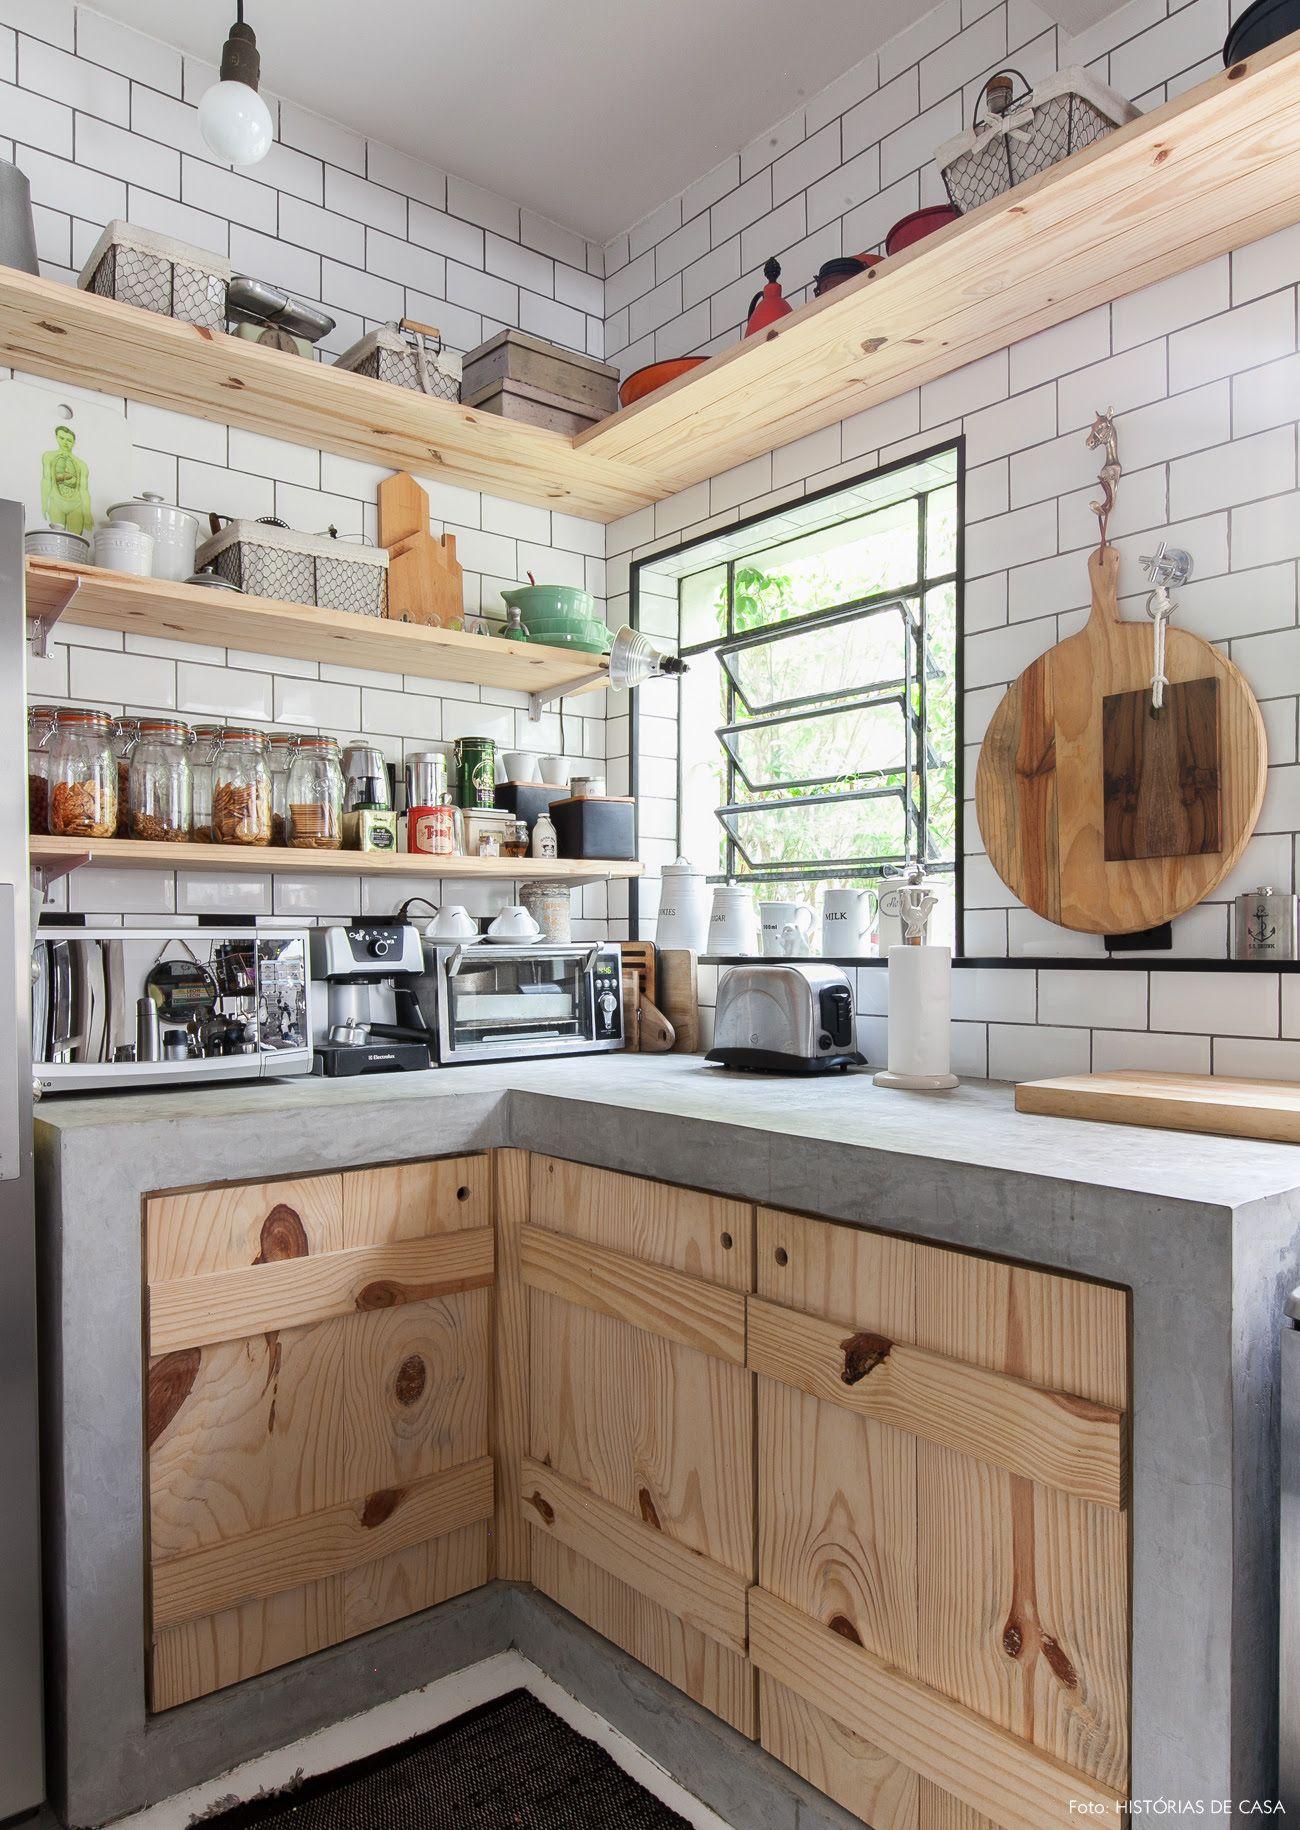 Wohnzimmerwand-nischenentwürfe pin von malaika wolf auf wohnen  pinterest  cozinha decoração und